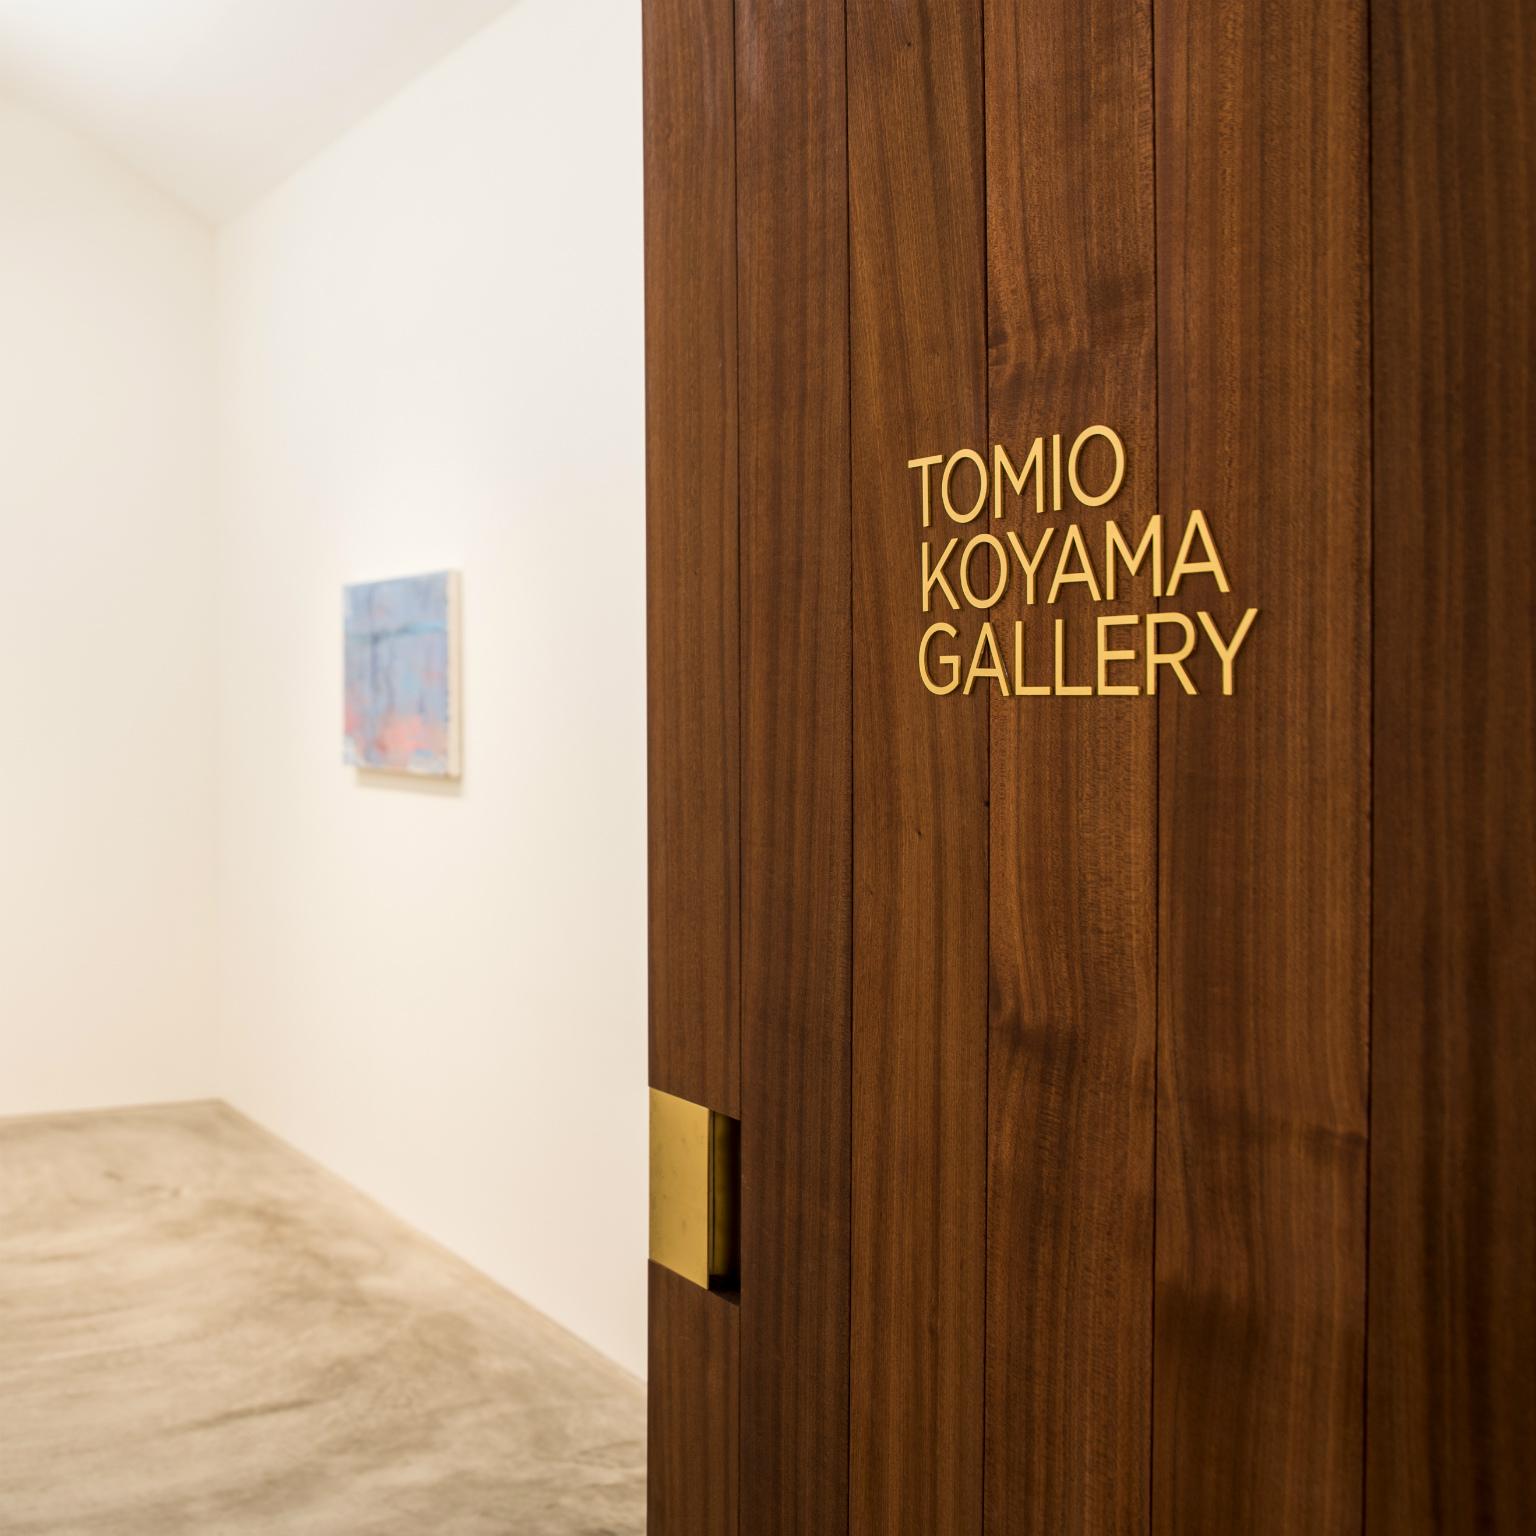 Tomio Koyama